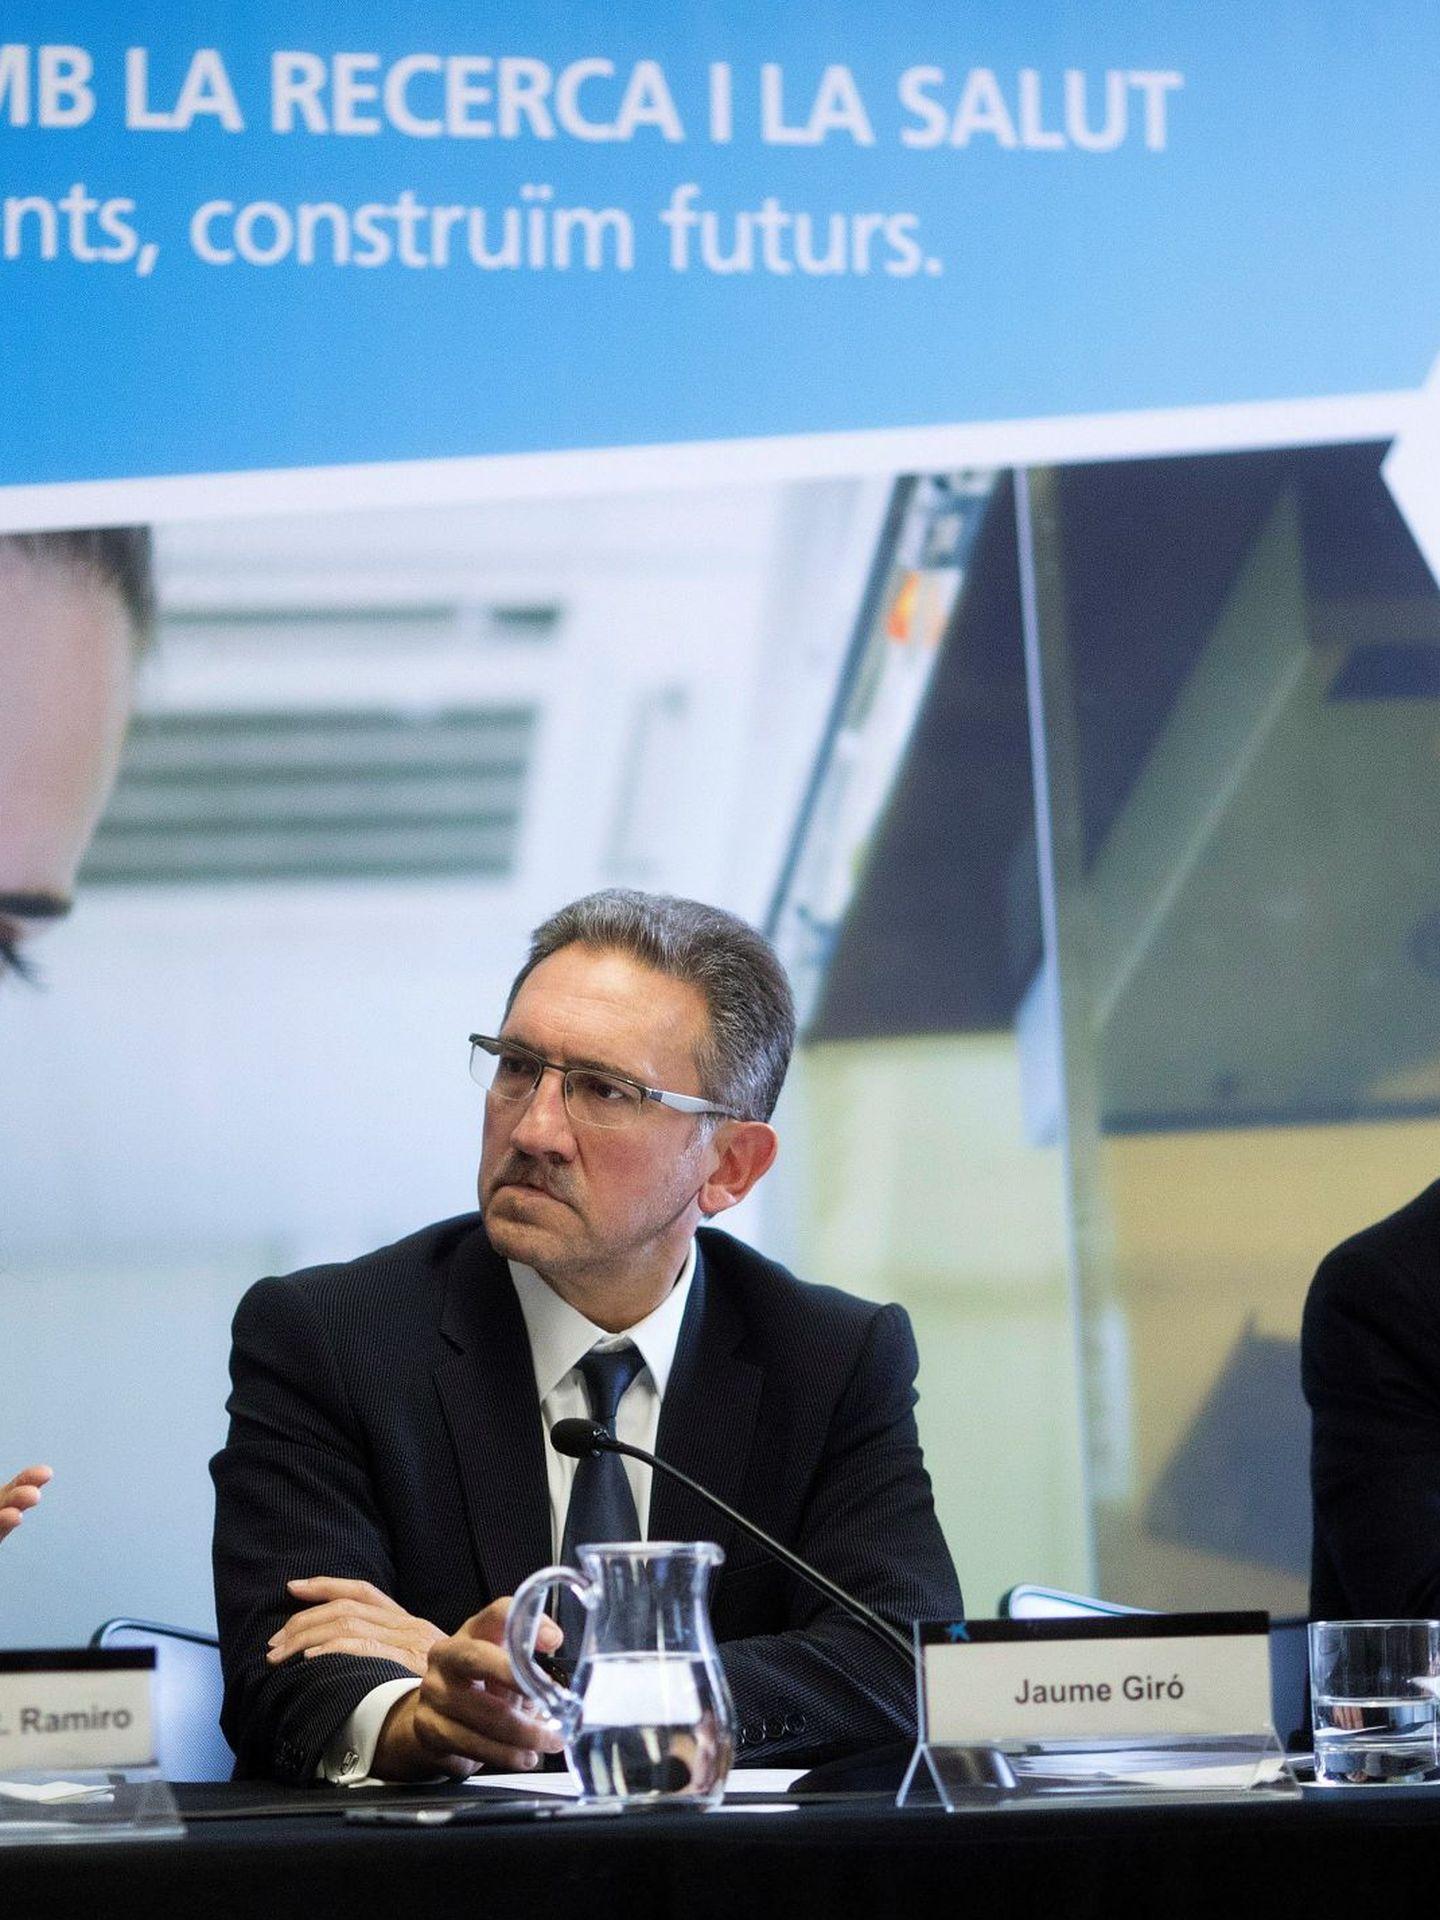 El hasta ahora director general de la Fundación Bancaria La Caixa, Jaume Giró.  (EFE)